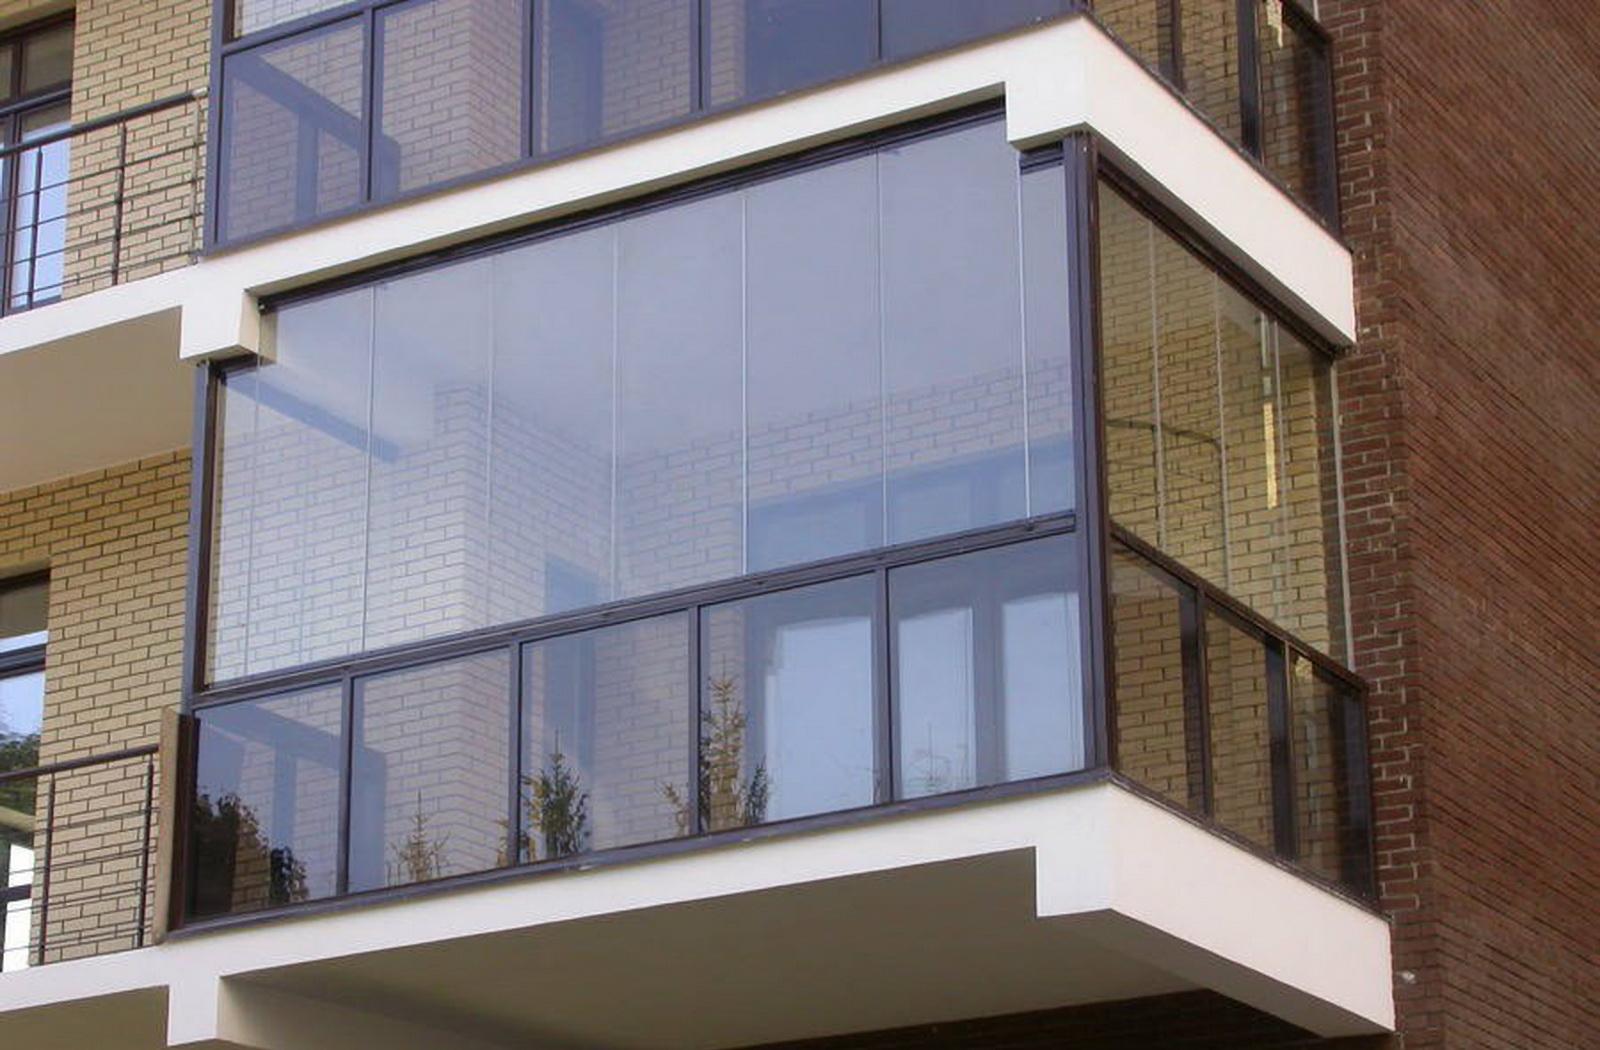 Остекление балкона своими руками пошаговая инструкция фото 894